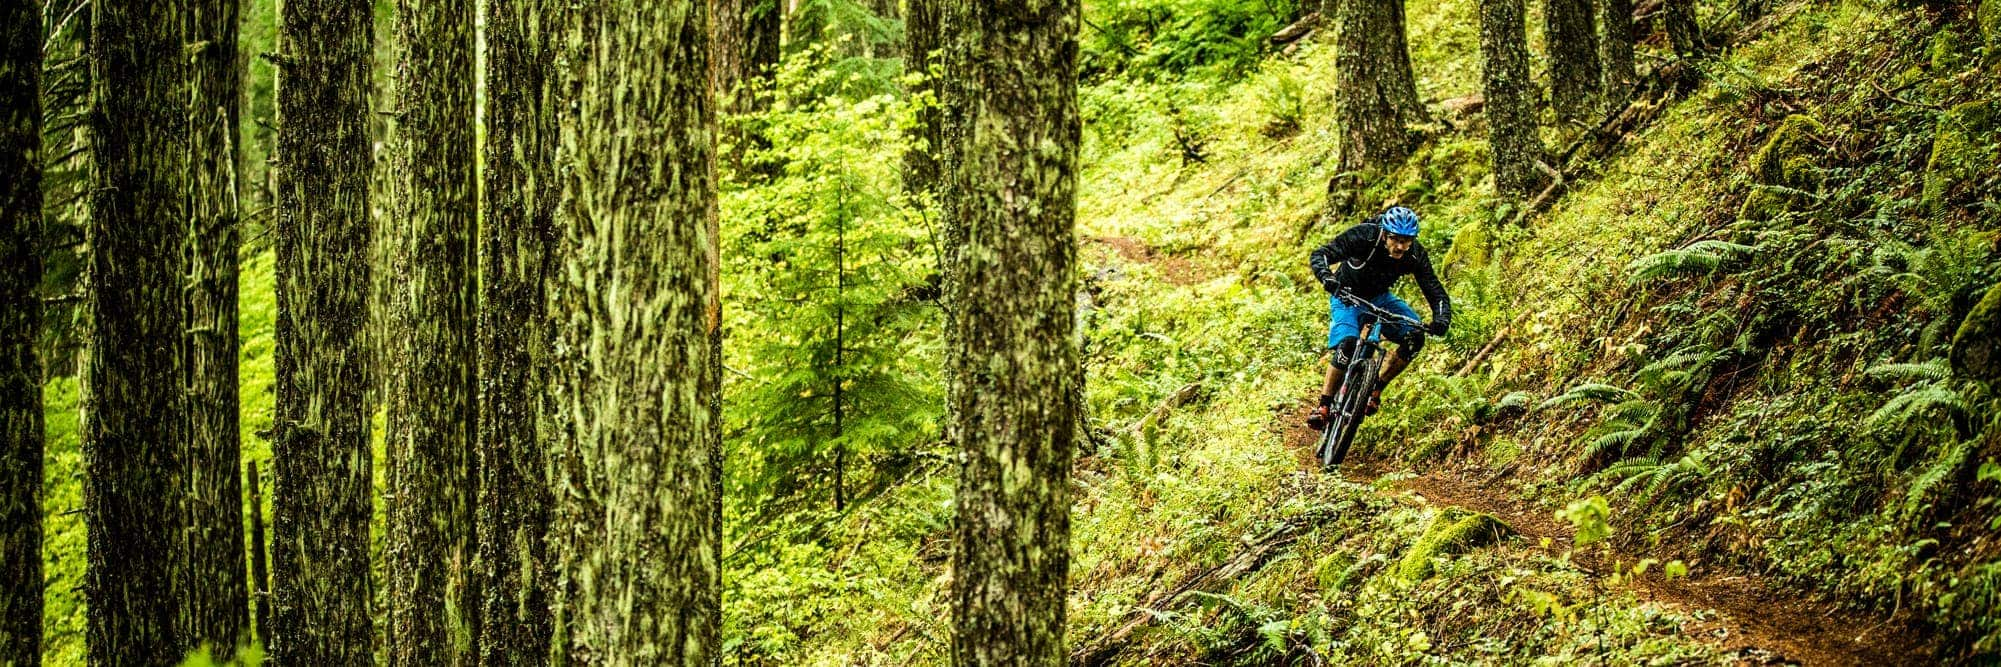 Mountain Biking Hot Spots In The Willamette Valley Travel Oregon